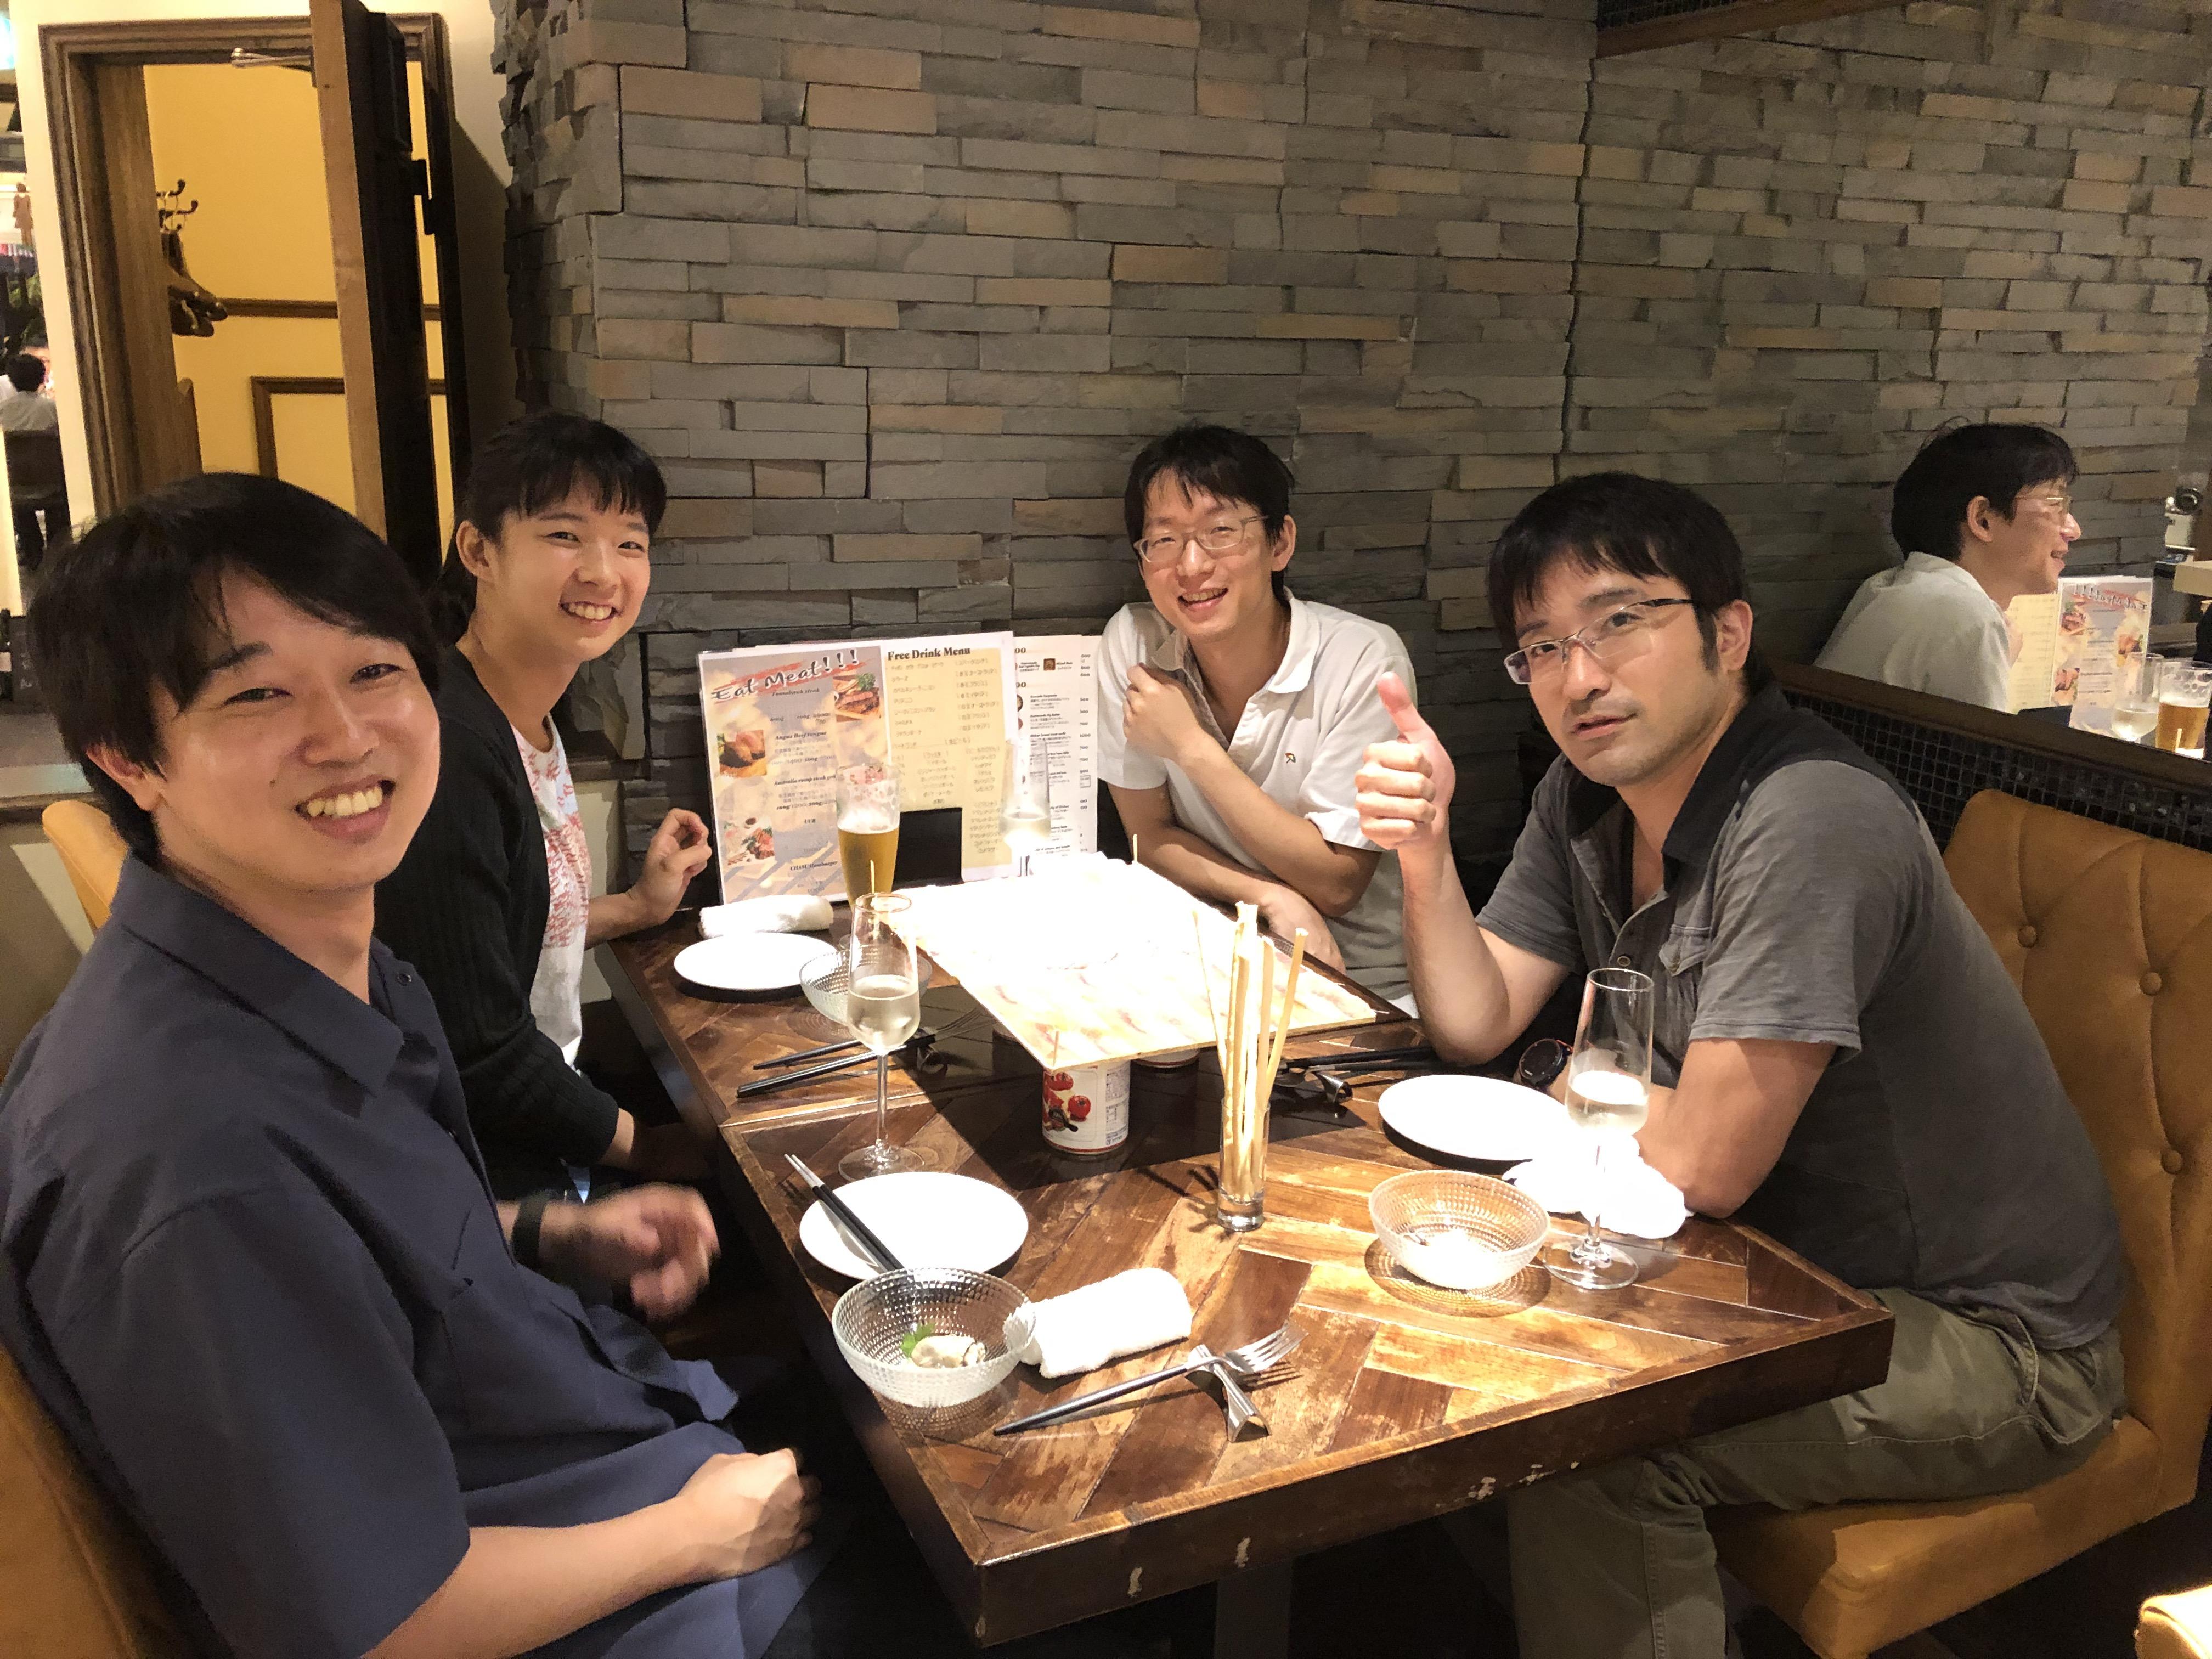 学生を楽しませることに尽力した渋谷先生